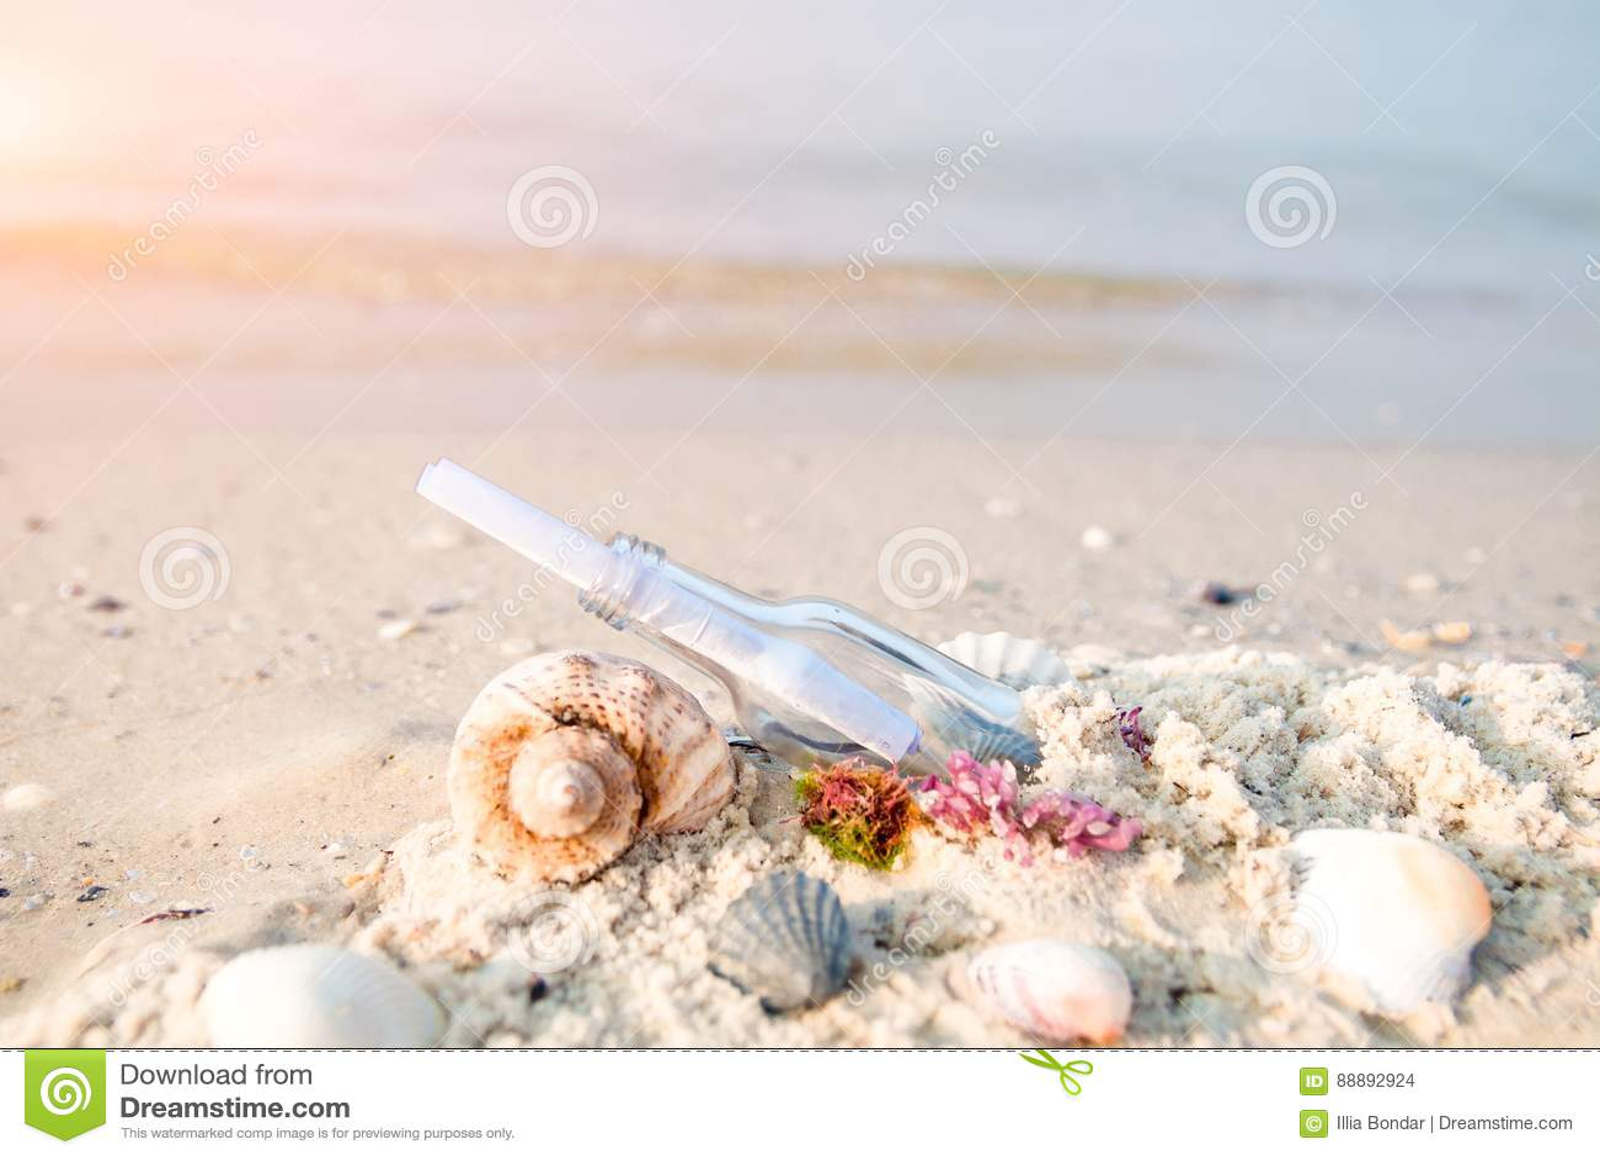 有消息的在海滩的瓶或信件在贝壳附近 sos